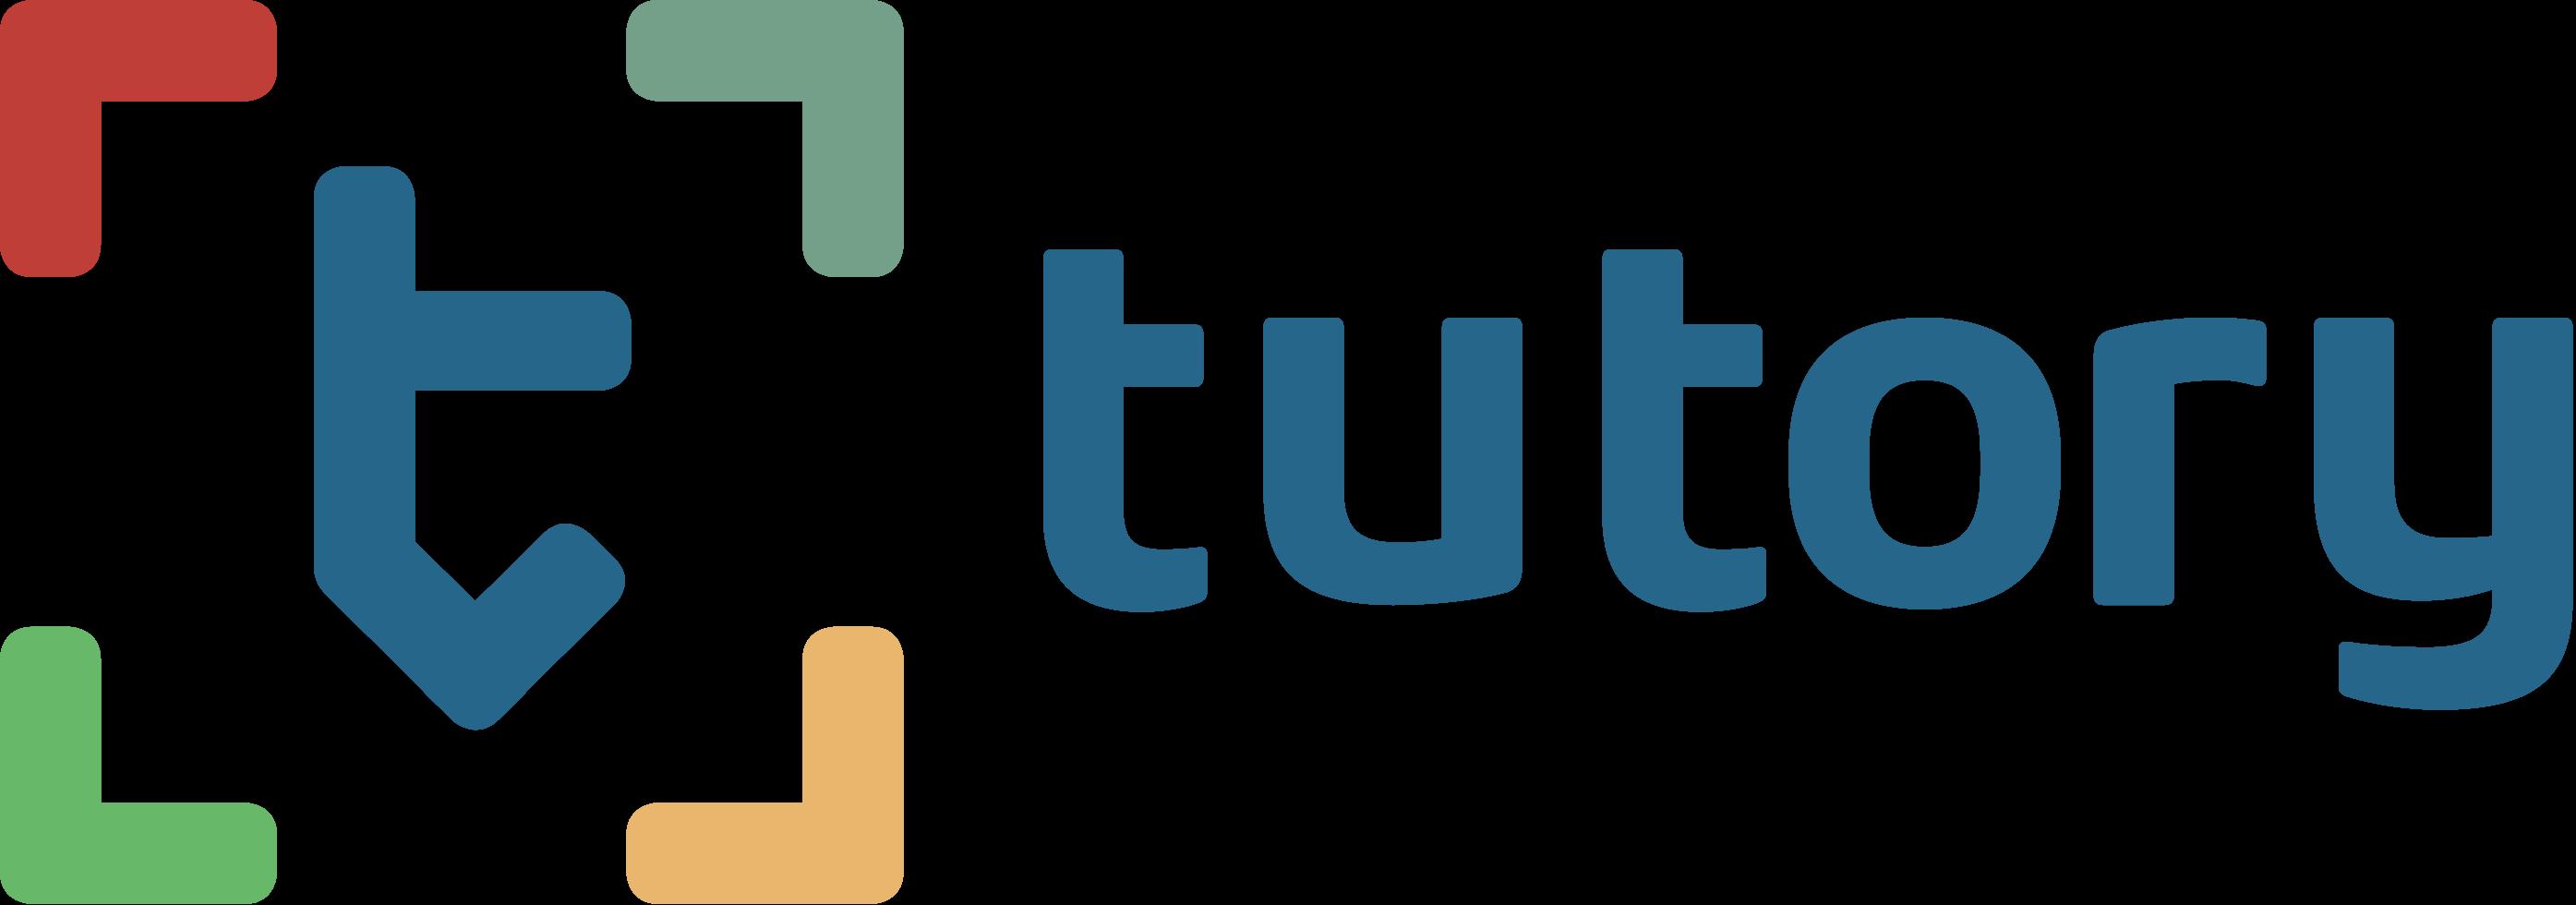 tutory UG (haftungsbeschränkt)